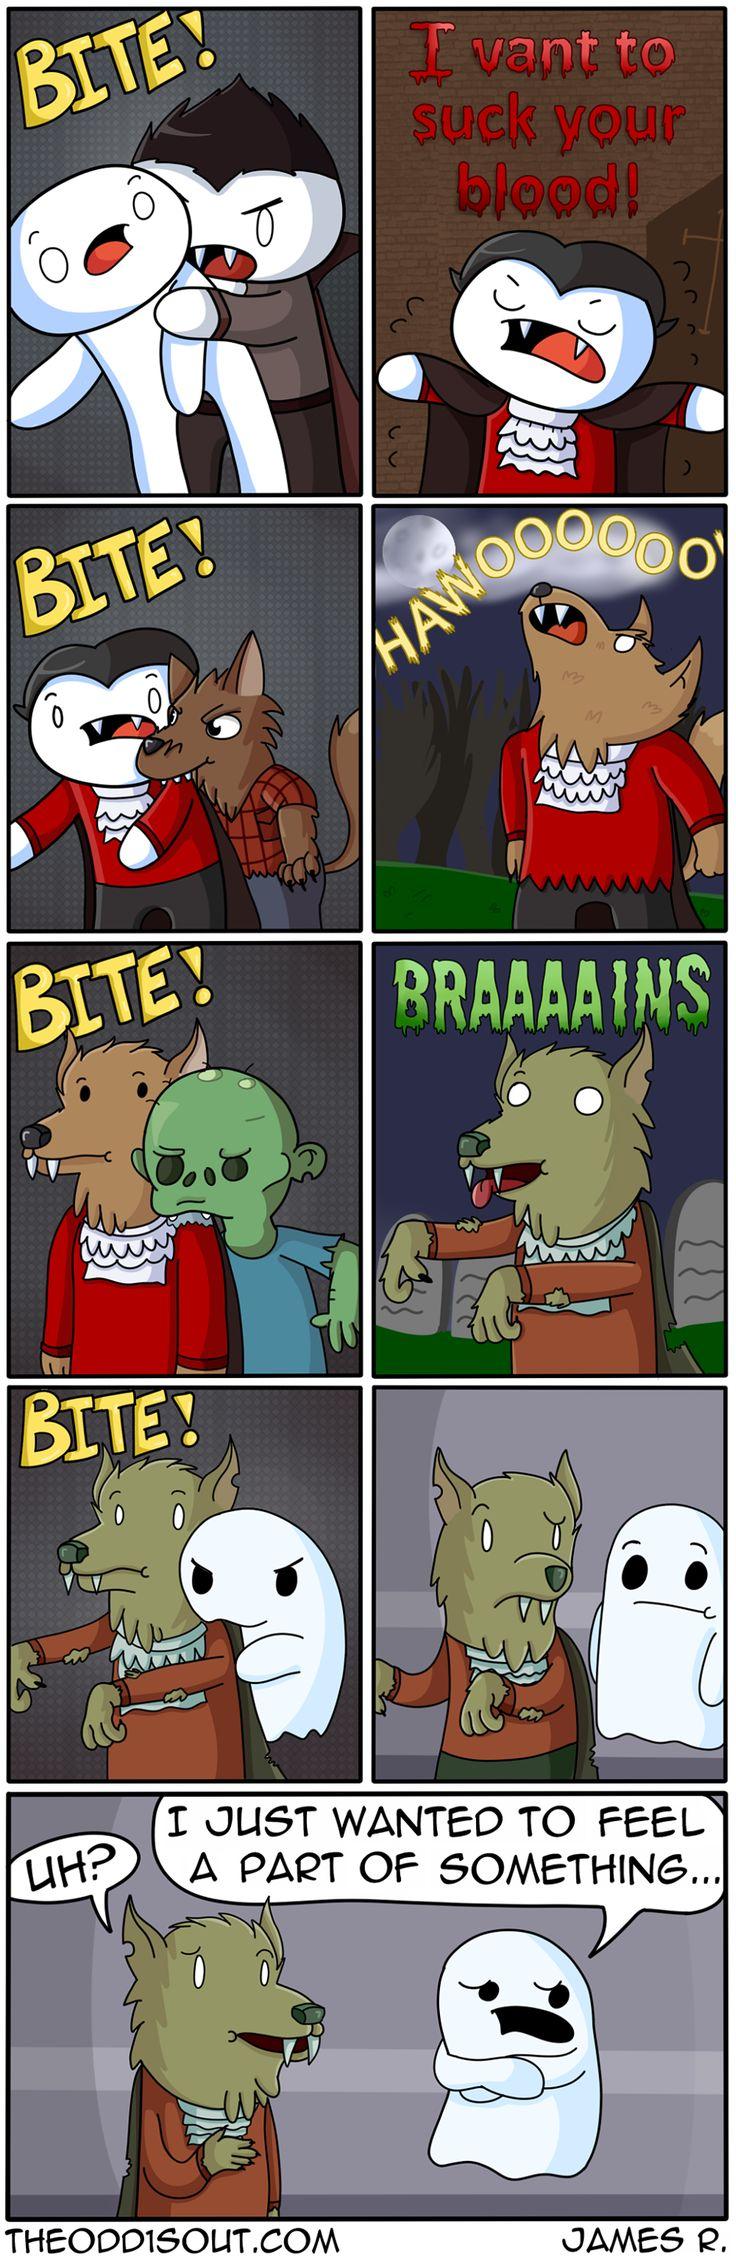 Zombie/Werewolf/Vampire/Ghost?